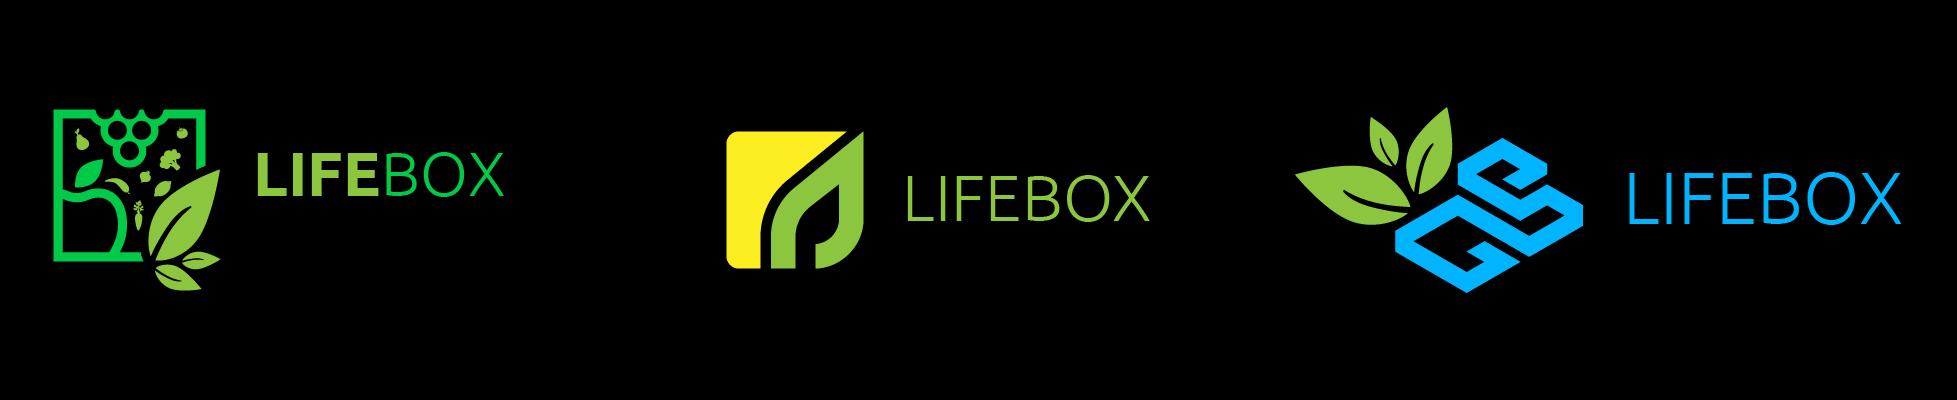 Разработка Логотипа. Победитель получит расширеный заказ  фото f_2365c24ce345d357.jpg